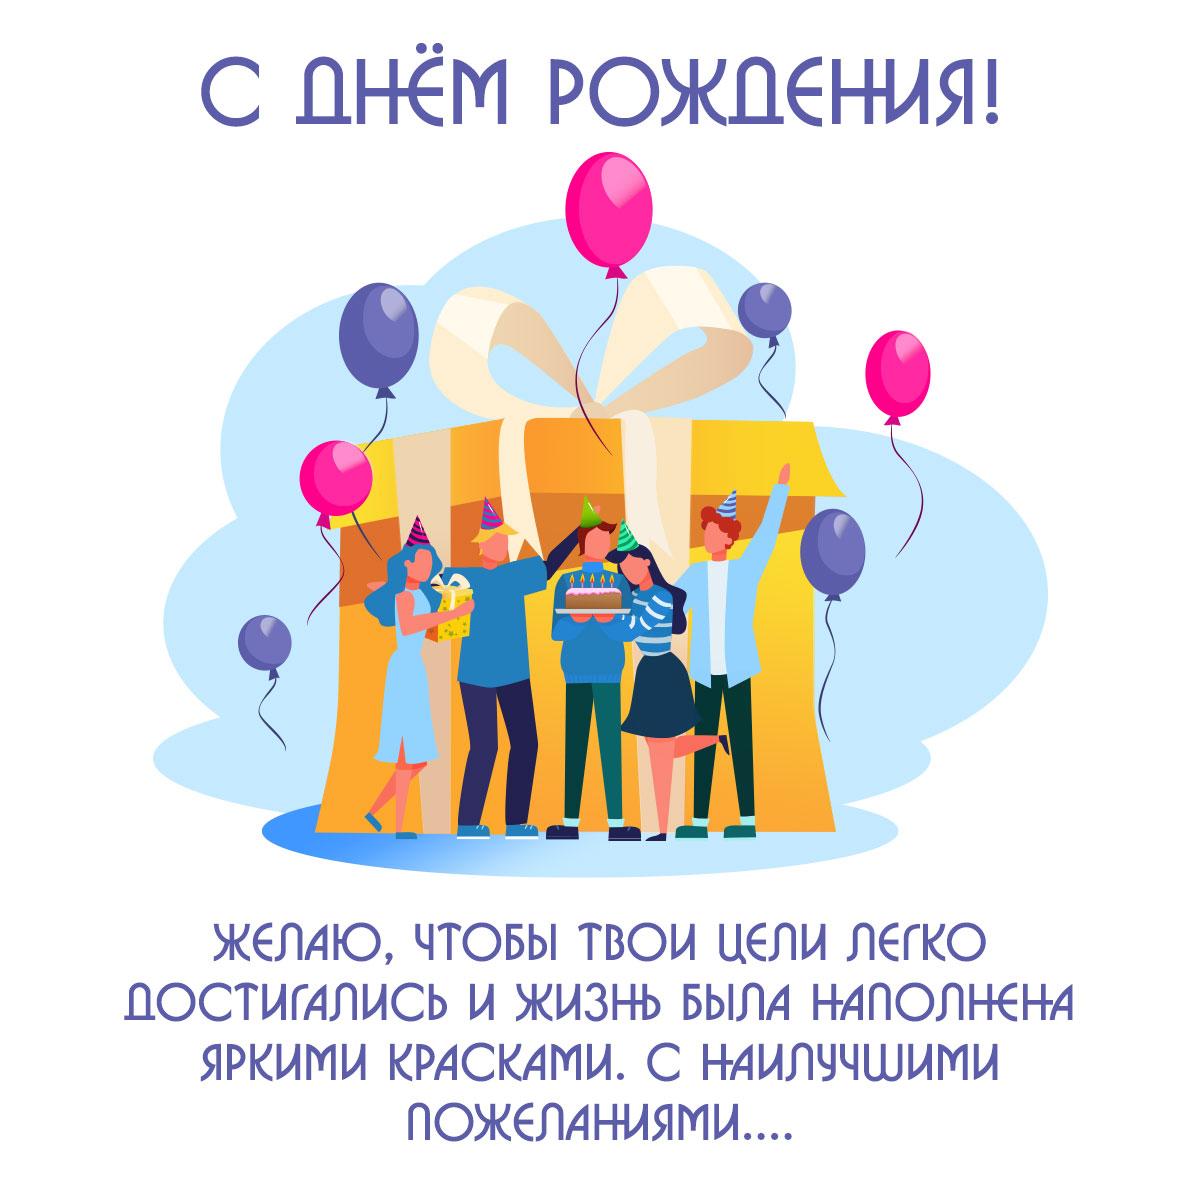 Картинка с текстом поздравления мужчине с днем рождения с рисунком группы людей с воздушными шариками на фоне жёлтой коробки с подарком.